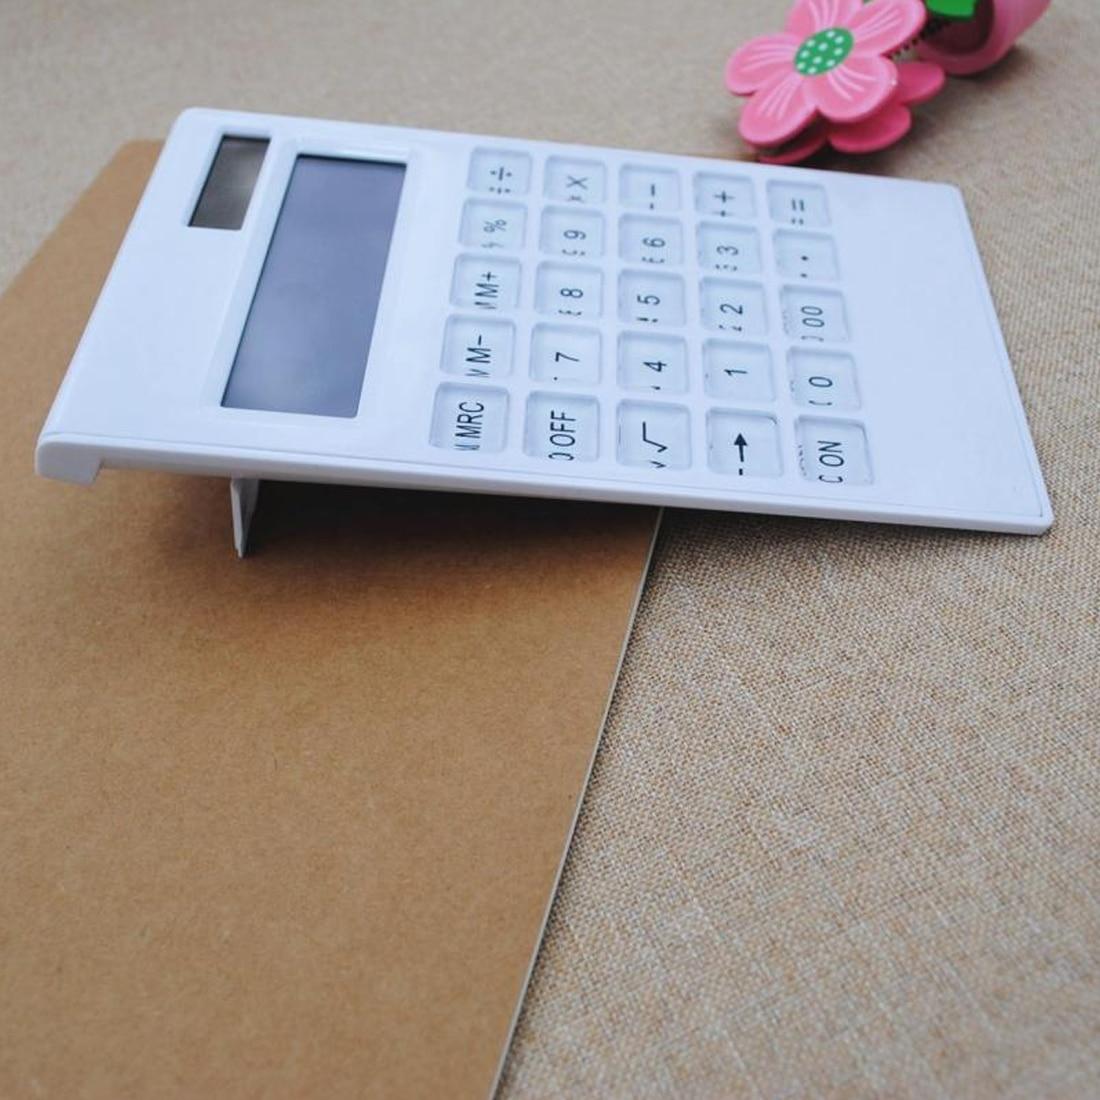 Noyokere Vendita Calda Sottile Creativo Portatile Mini 12 Digitale Calcolatrice a Energia Solare di Cristallo Tastiera Doppia Alimentazione